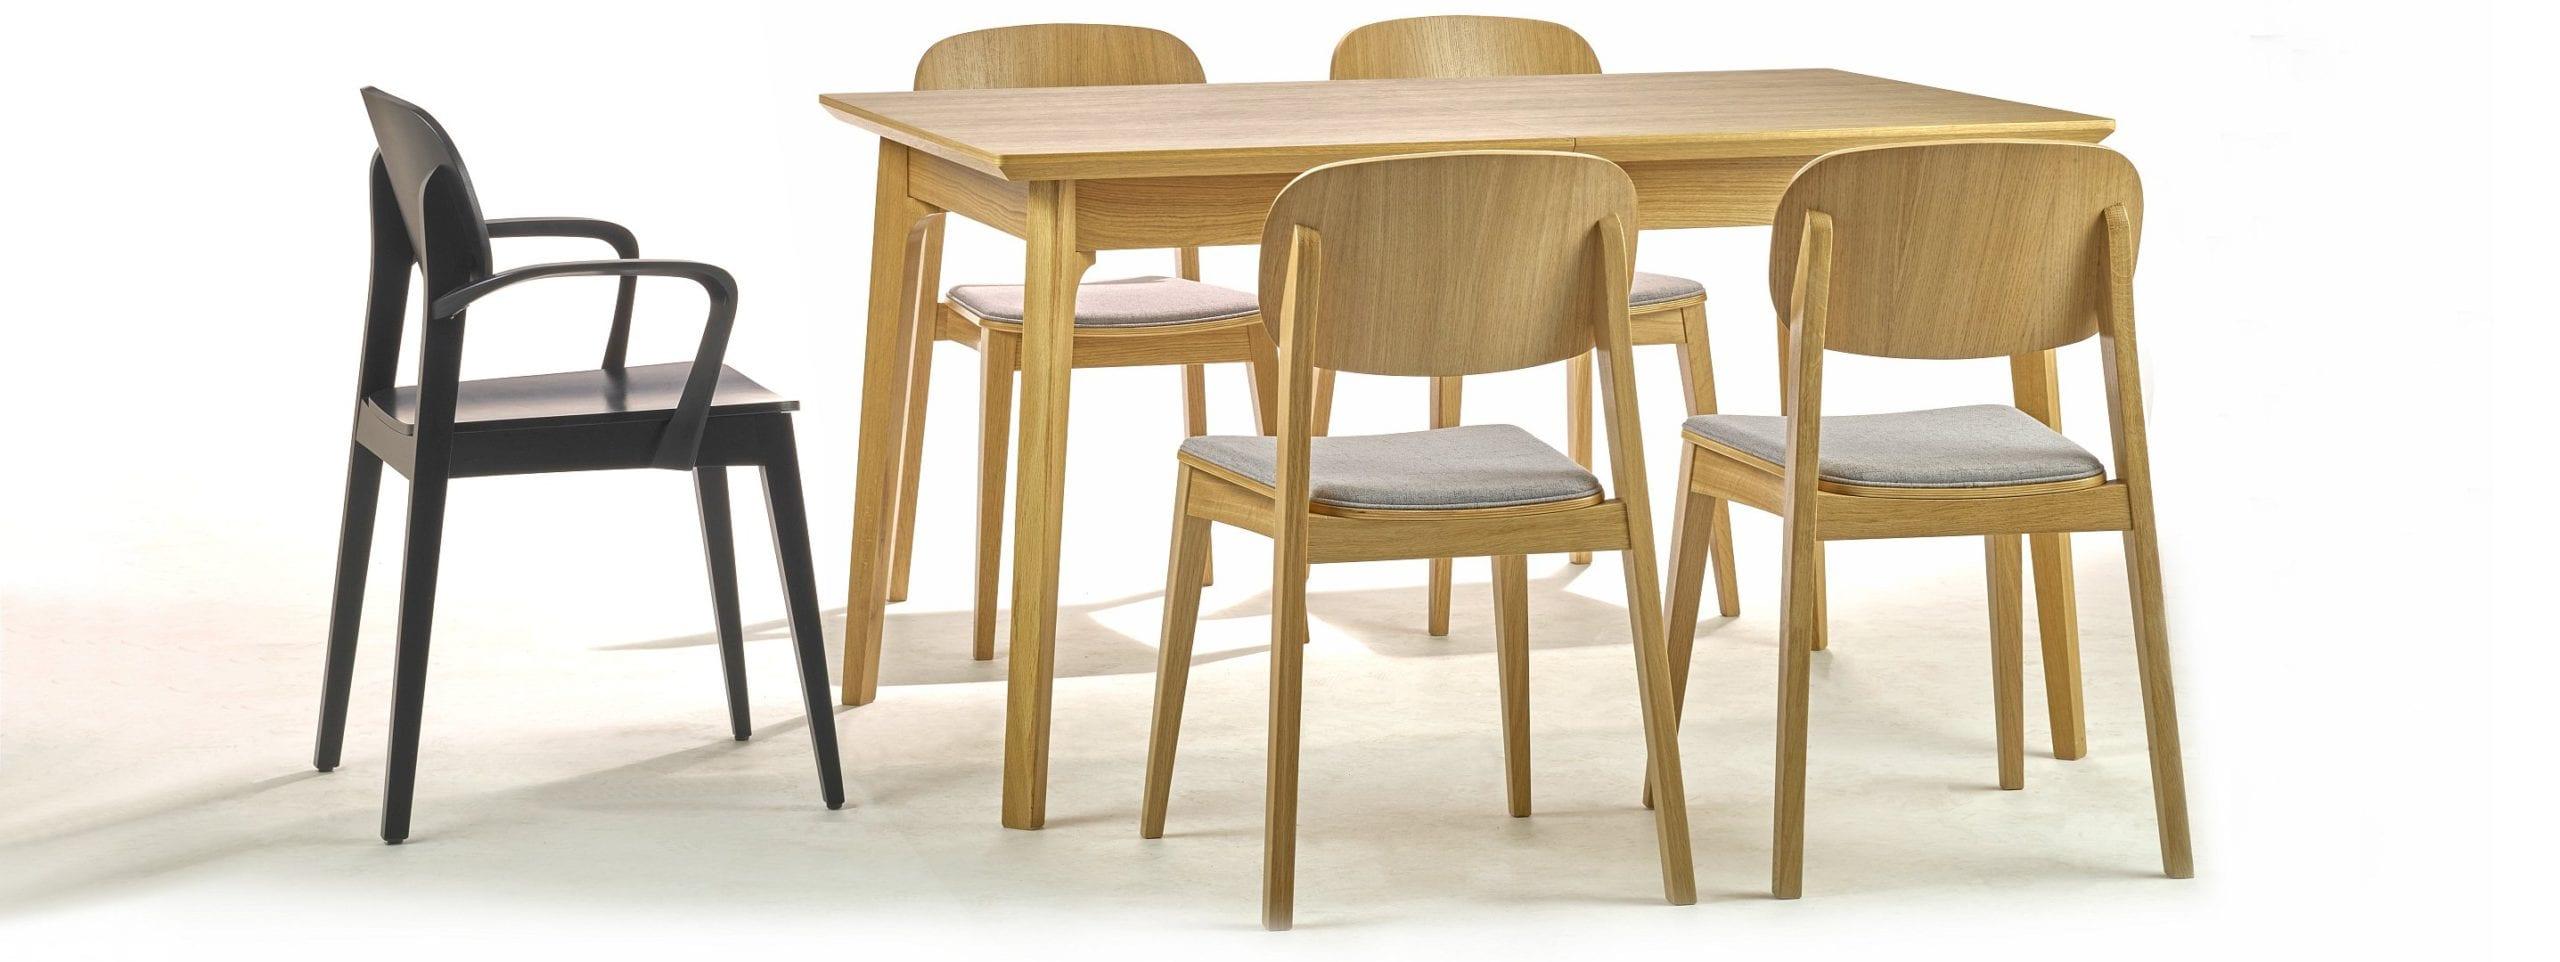 Nowoczesne krzesła sztaplowane – gdzie się sprawdzą?